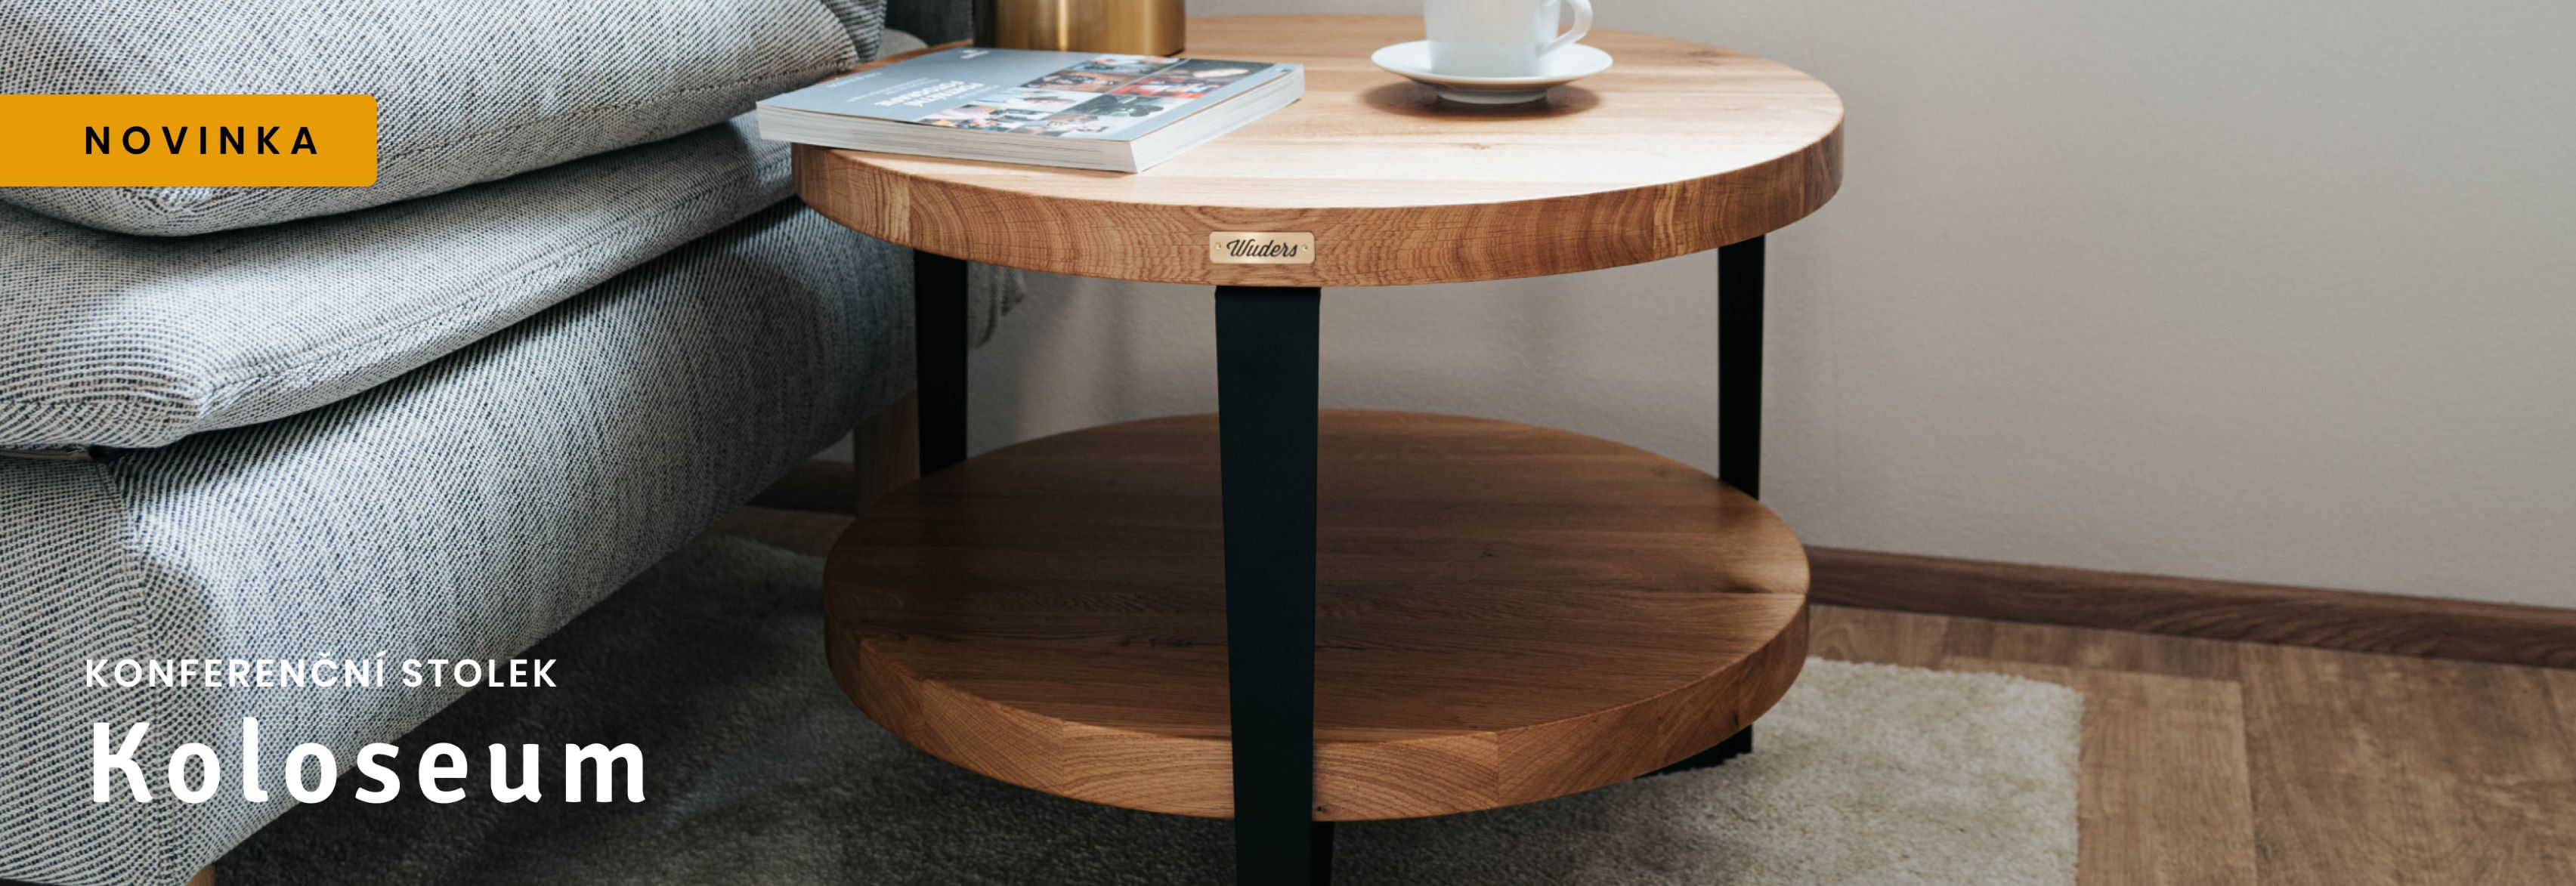 Dvoupatrový dubový konferenční stolek Koloseum